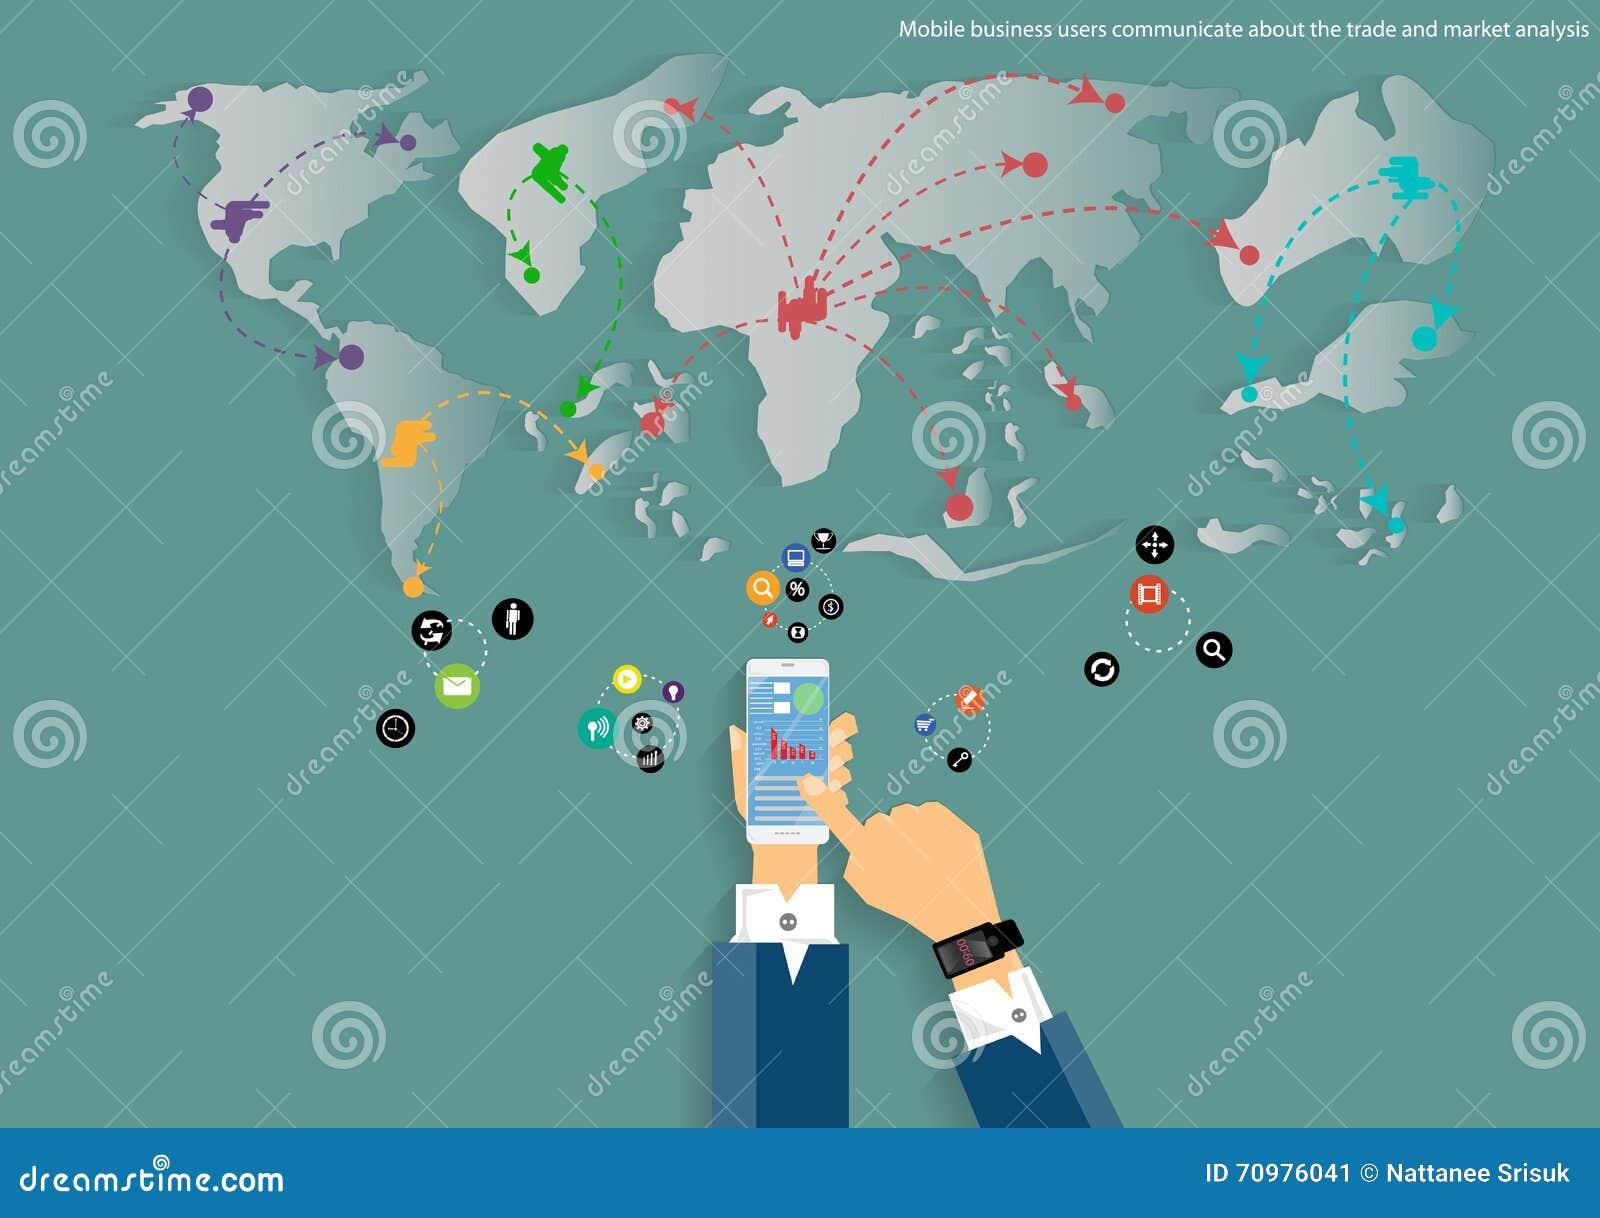 Διανυσματικός κινητός και ταξιδεύει τον παγκόσμιο χάρτη της επιχειρησιακής επικοινωνίας, των εμπορικών συναλλαγών, του μάρκετινγκ